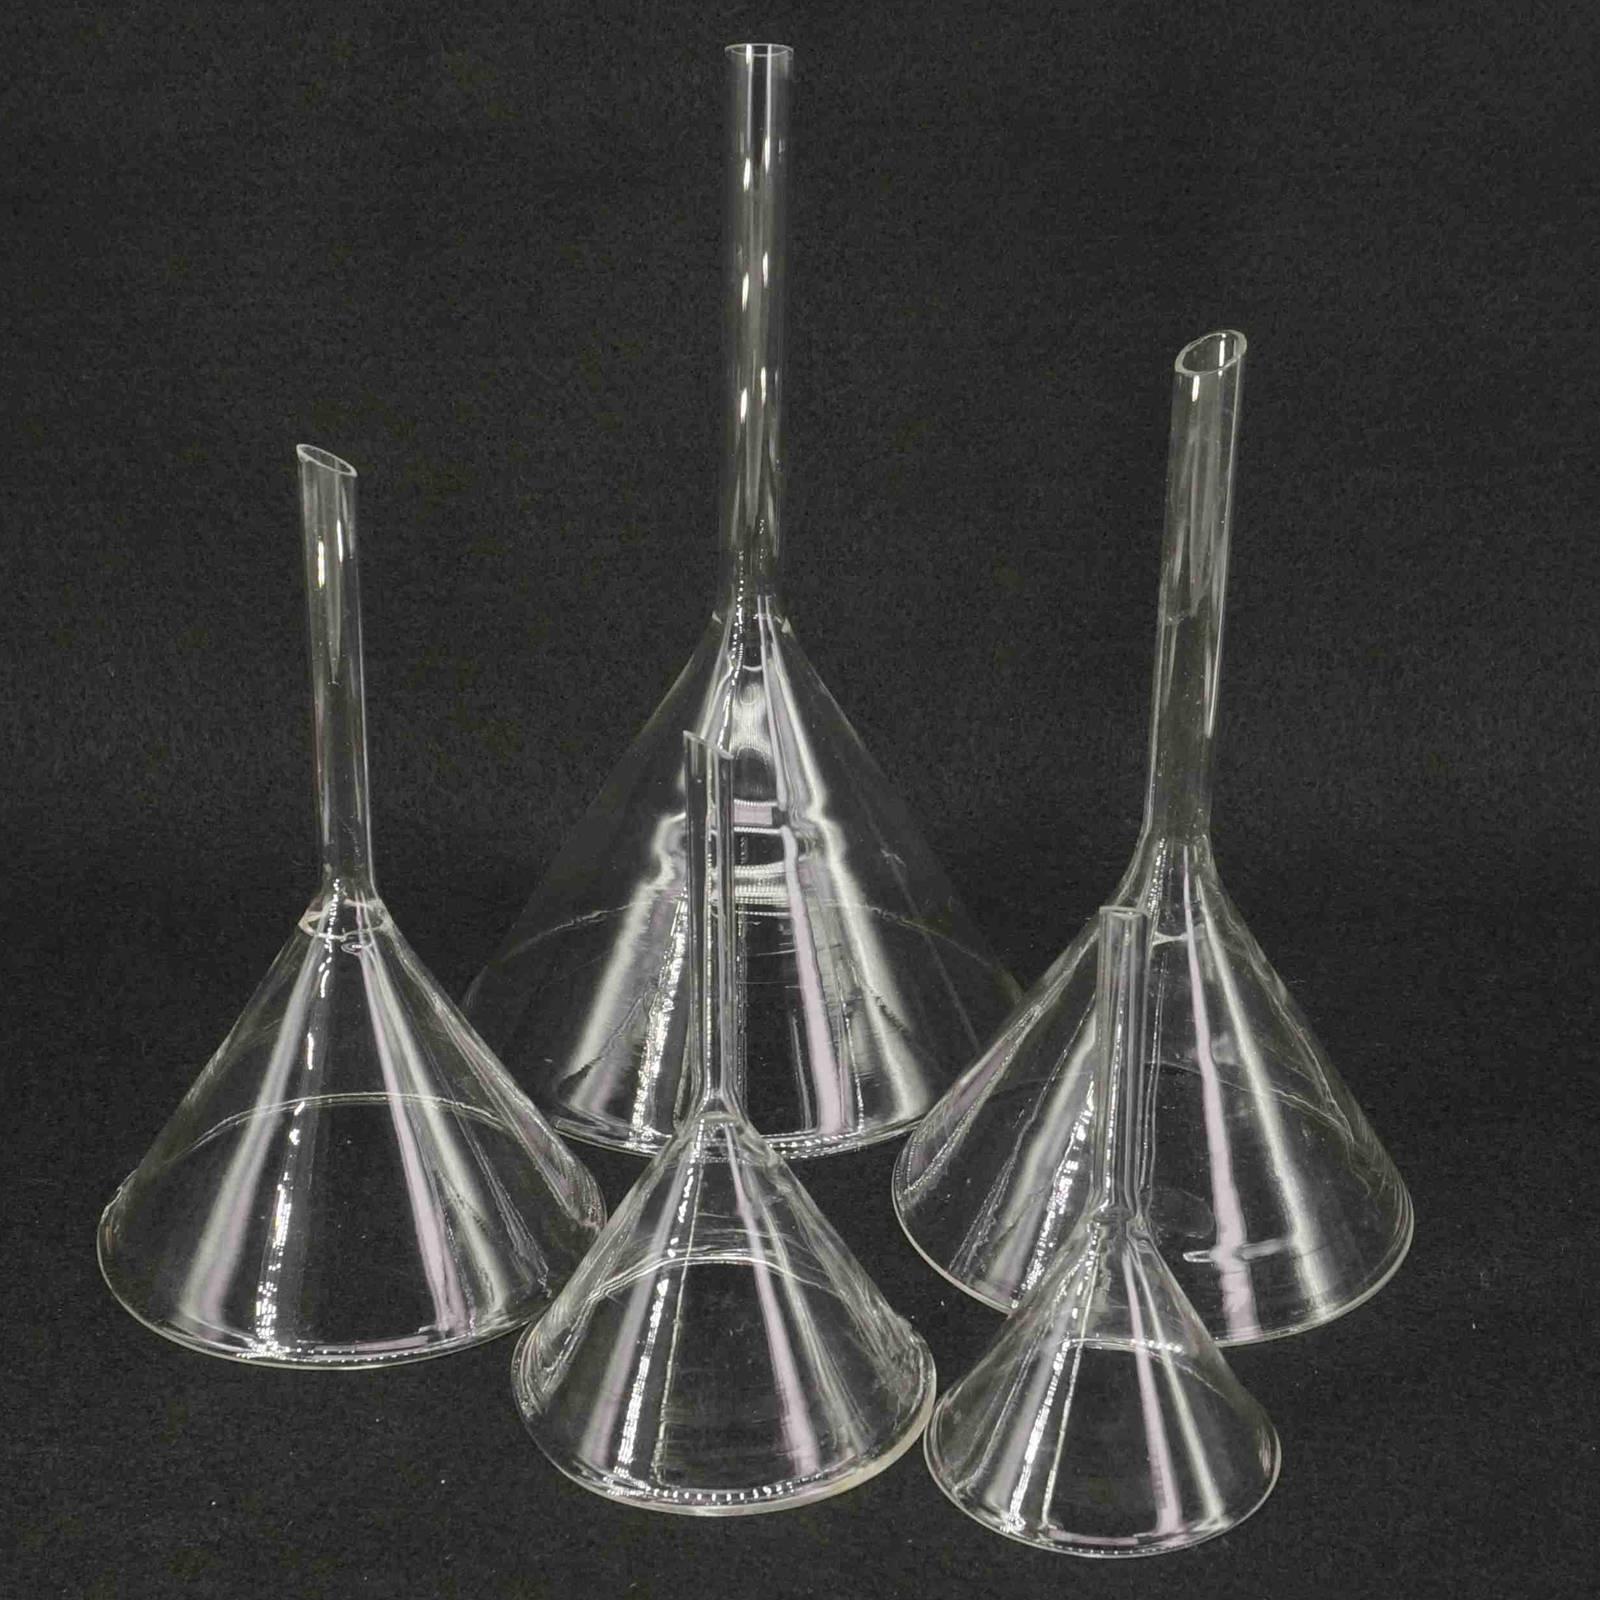 40mm/50mm/60mm/75mm/80mm/90mm/100mm/120mm Miniature Lab Glass Funnel Borosilicate Glassware Triangle Funnel